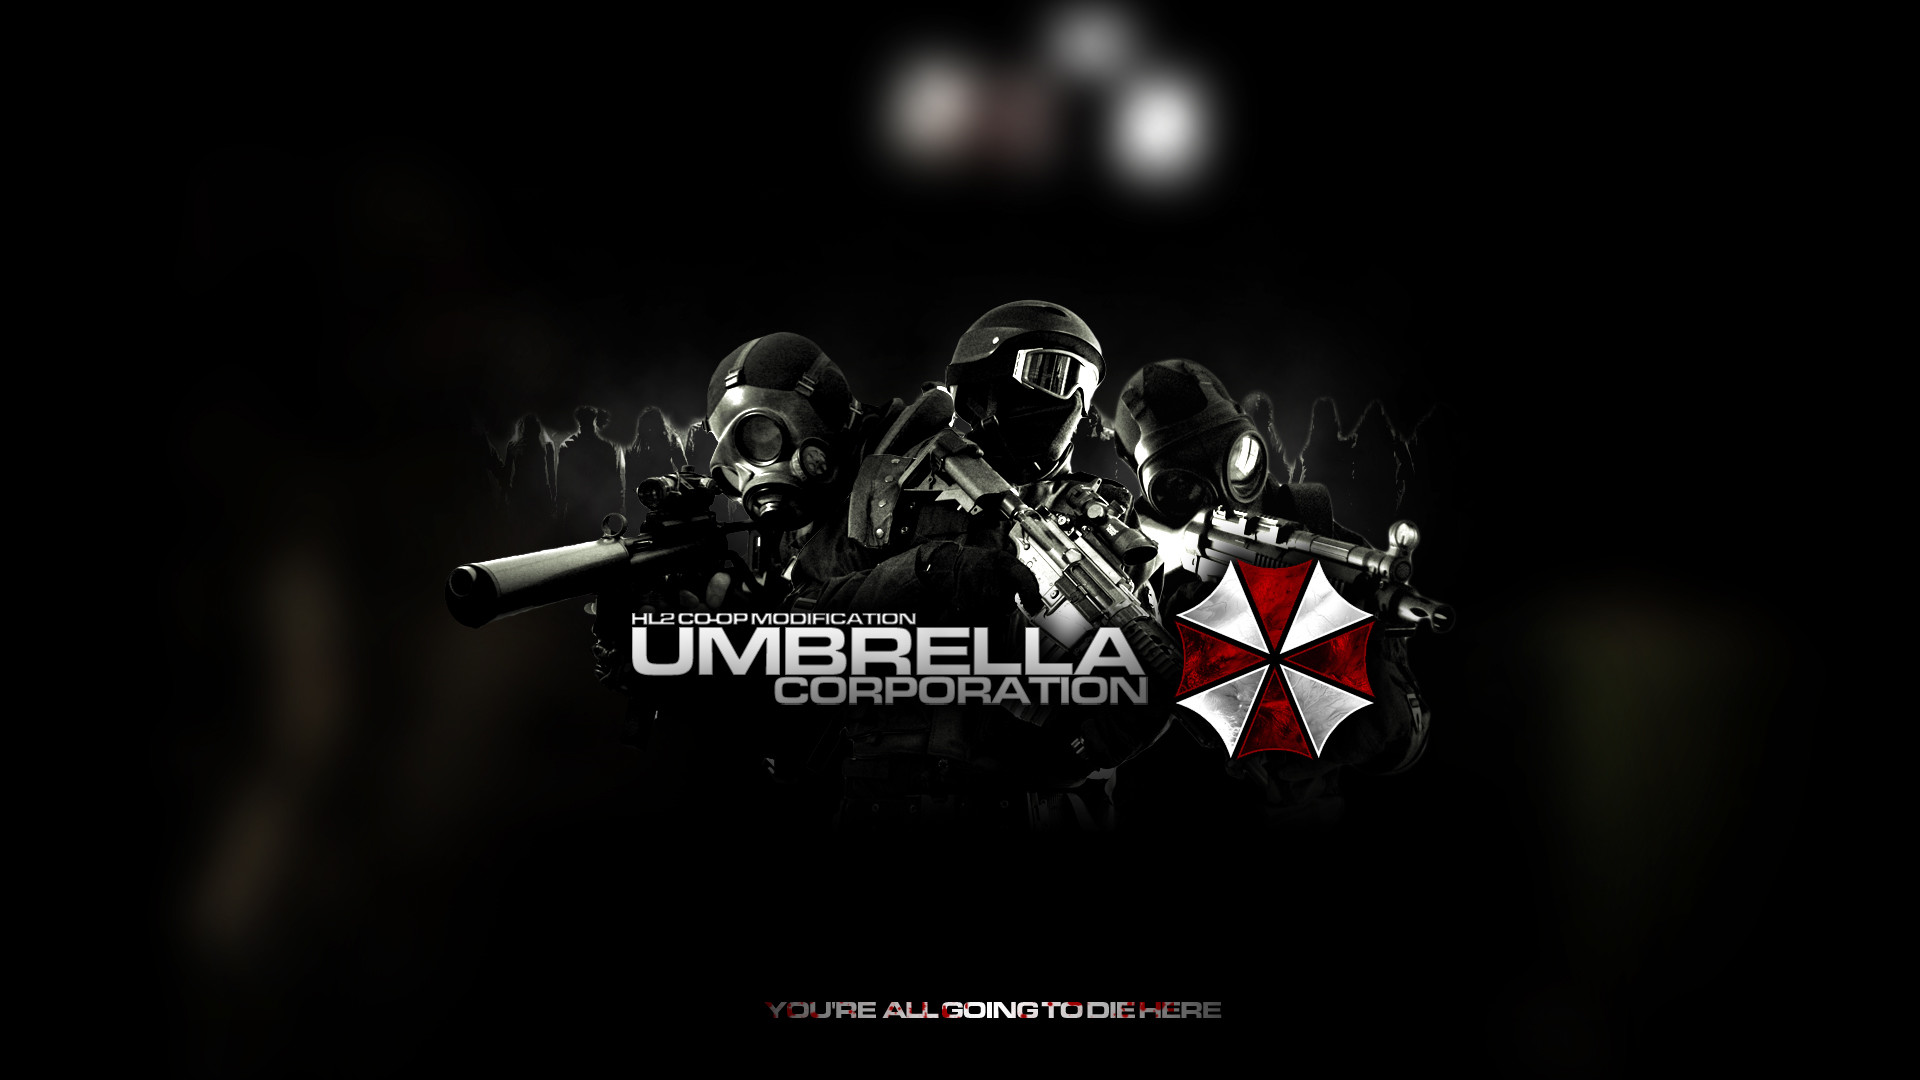 Umbrella corporation live wallpaper 77 images - Umbrella corporation wallpaper hd 1366x768 ...